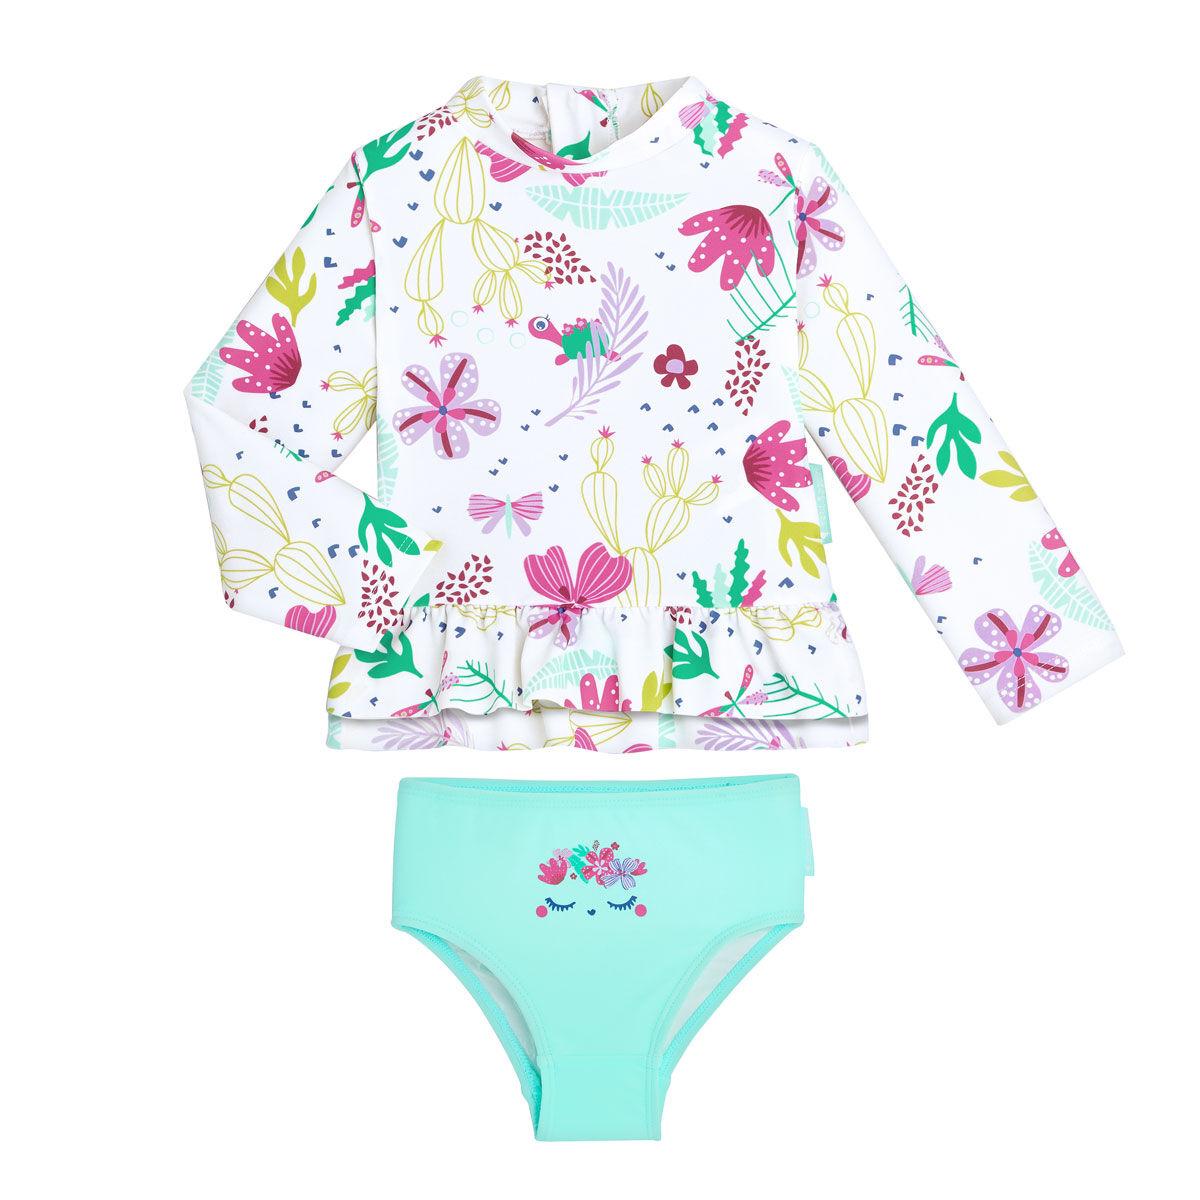 Petit Béguin Maillot de bain ANTI-UV fille 2 pièces t-shirt & culotte Tropic Coco - Taille - 36 mois